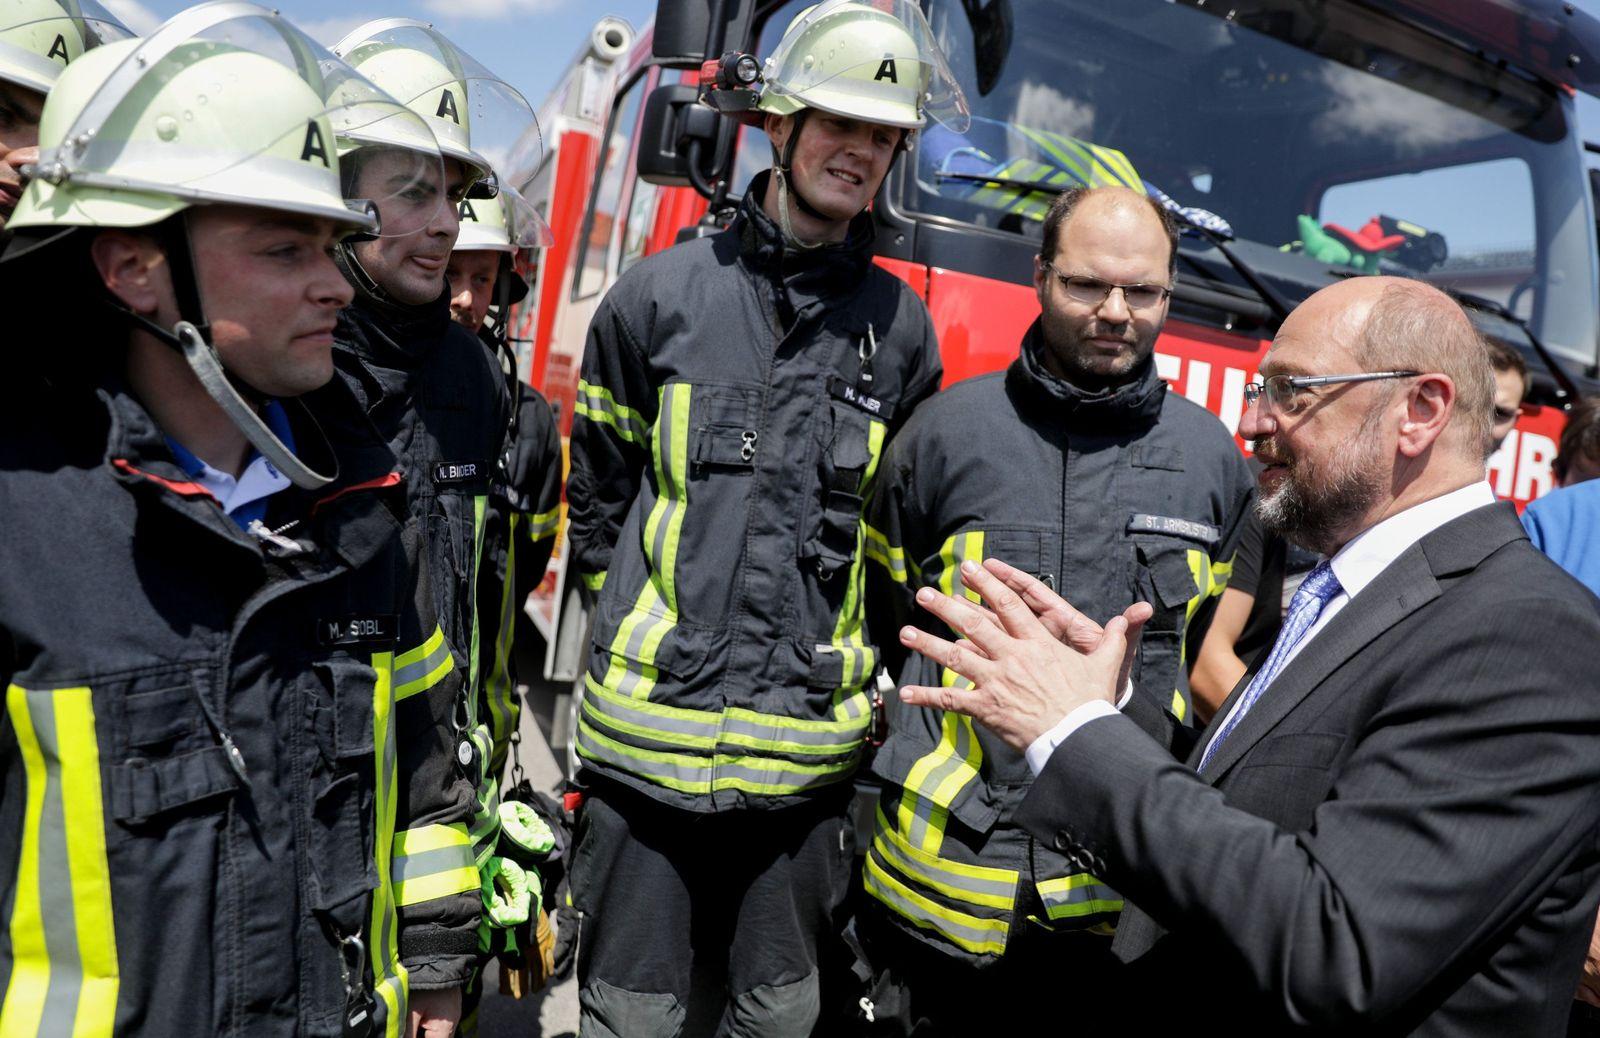 Sommerreise von SPD-Kanzlerkandidat Schulz nach Bayern